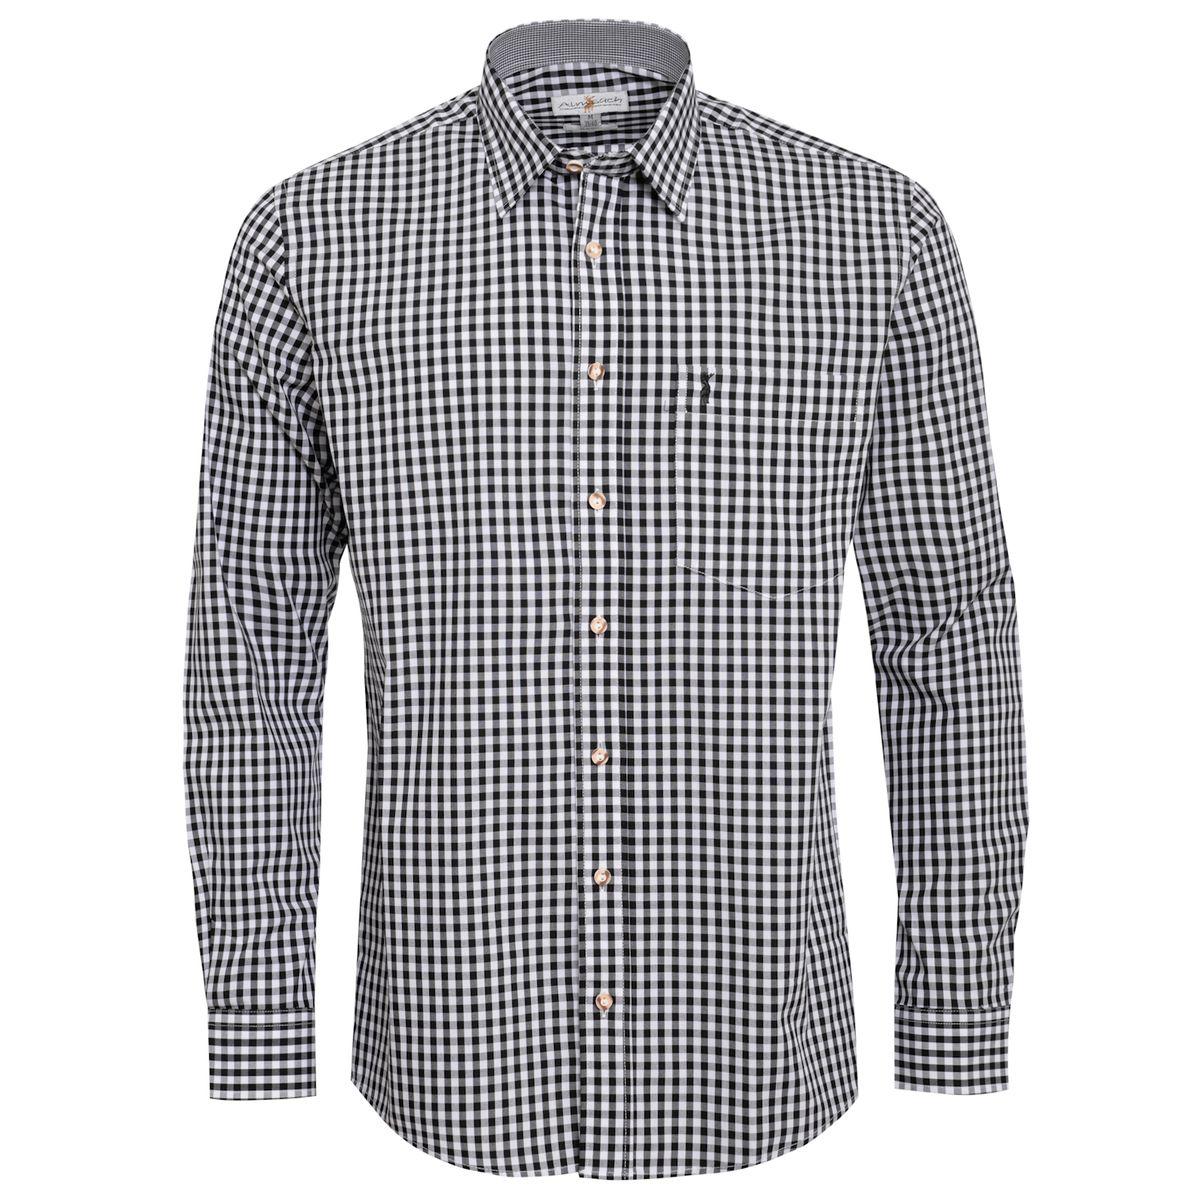 Trachtenhemd Nick Regular Fit in Schwarz von Almsach günstig online kaufen